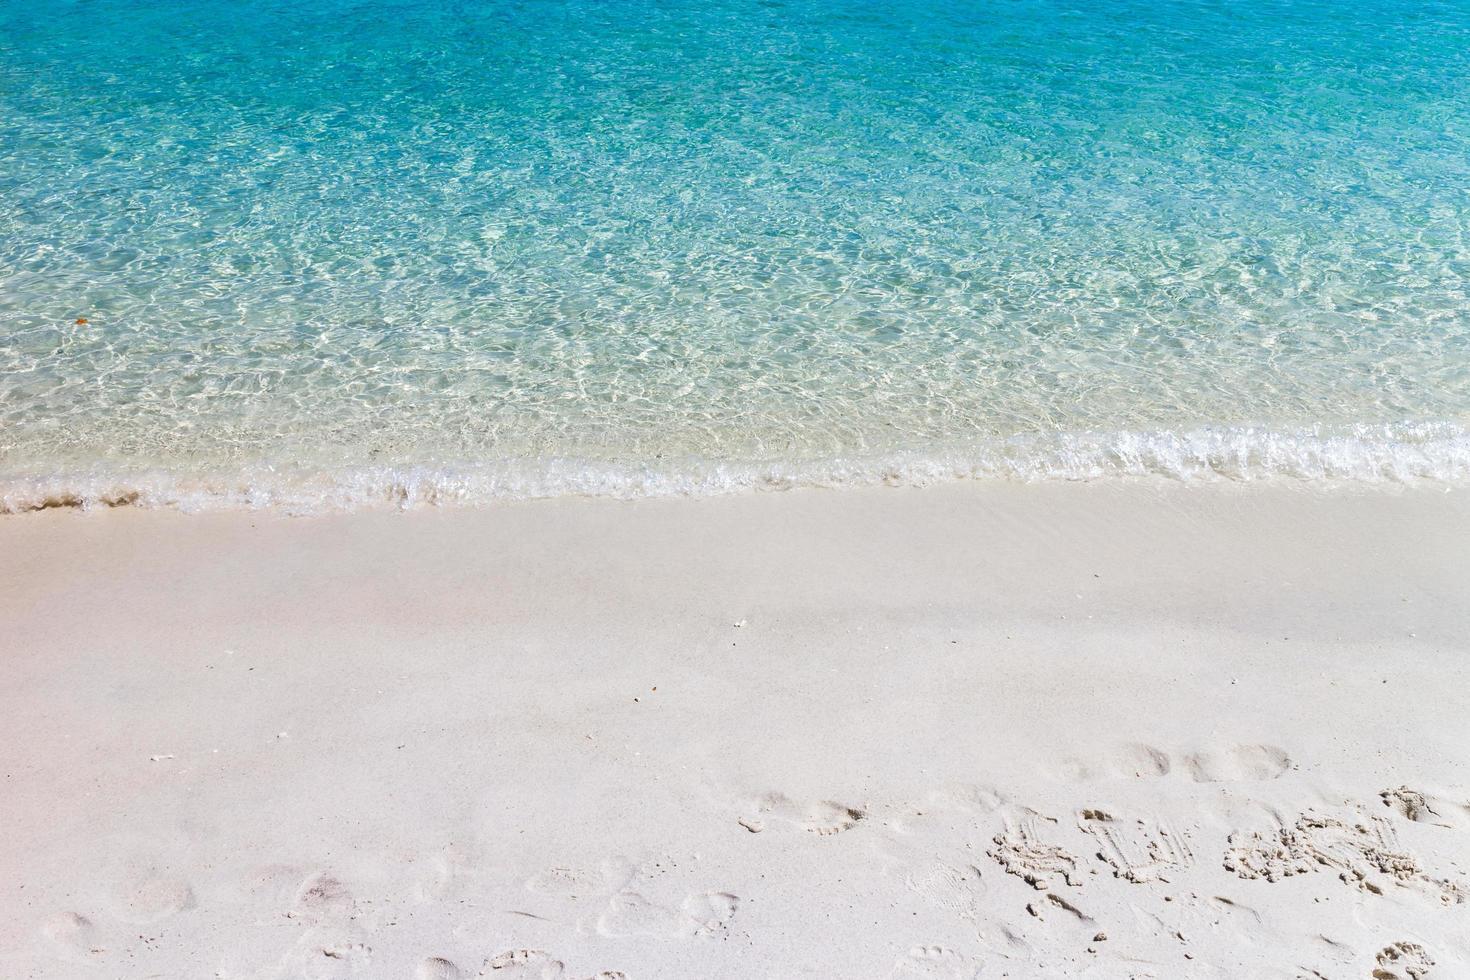 vague d'océan bleu sur la plage de sable. Contexte. photo